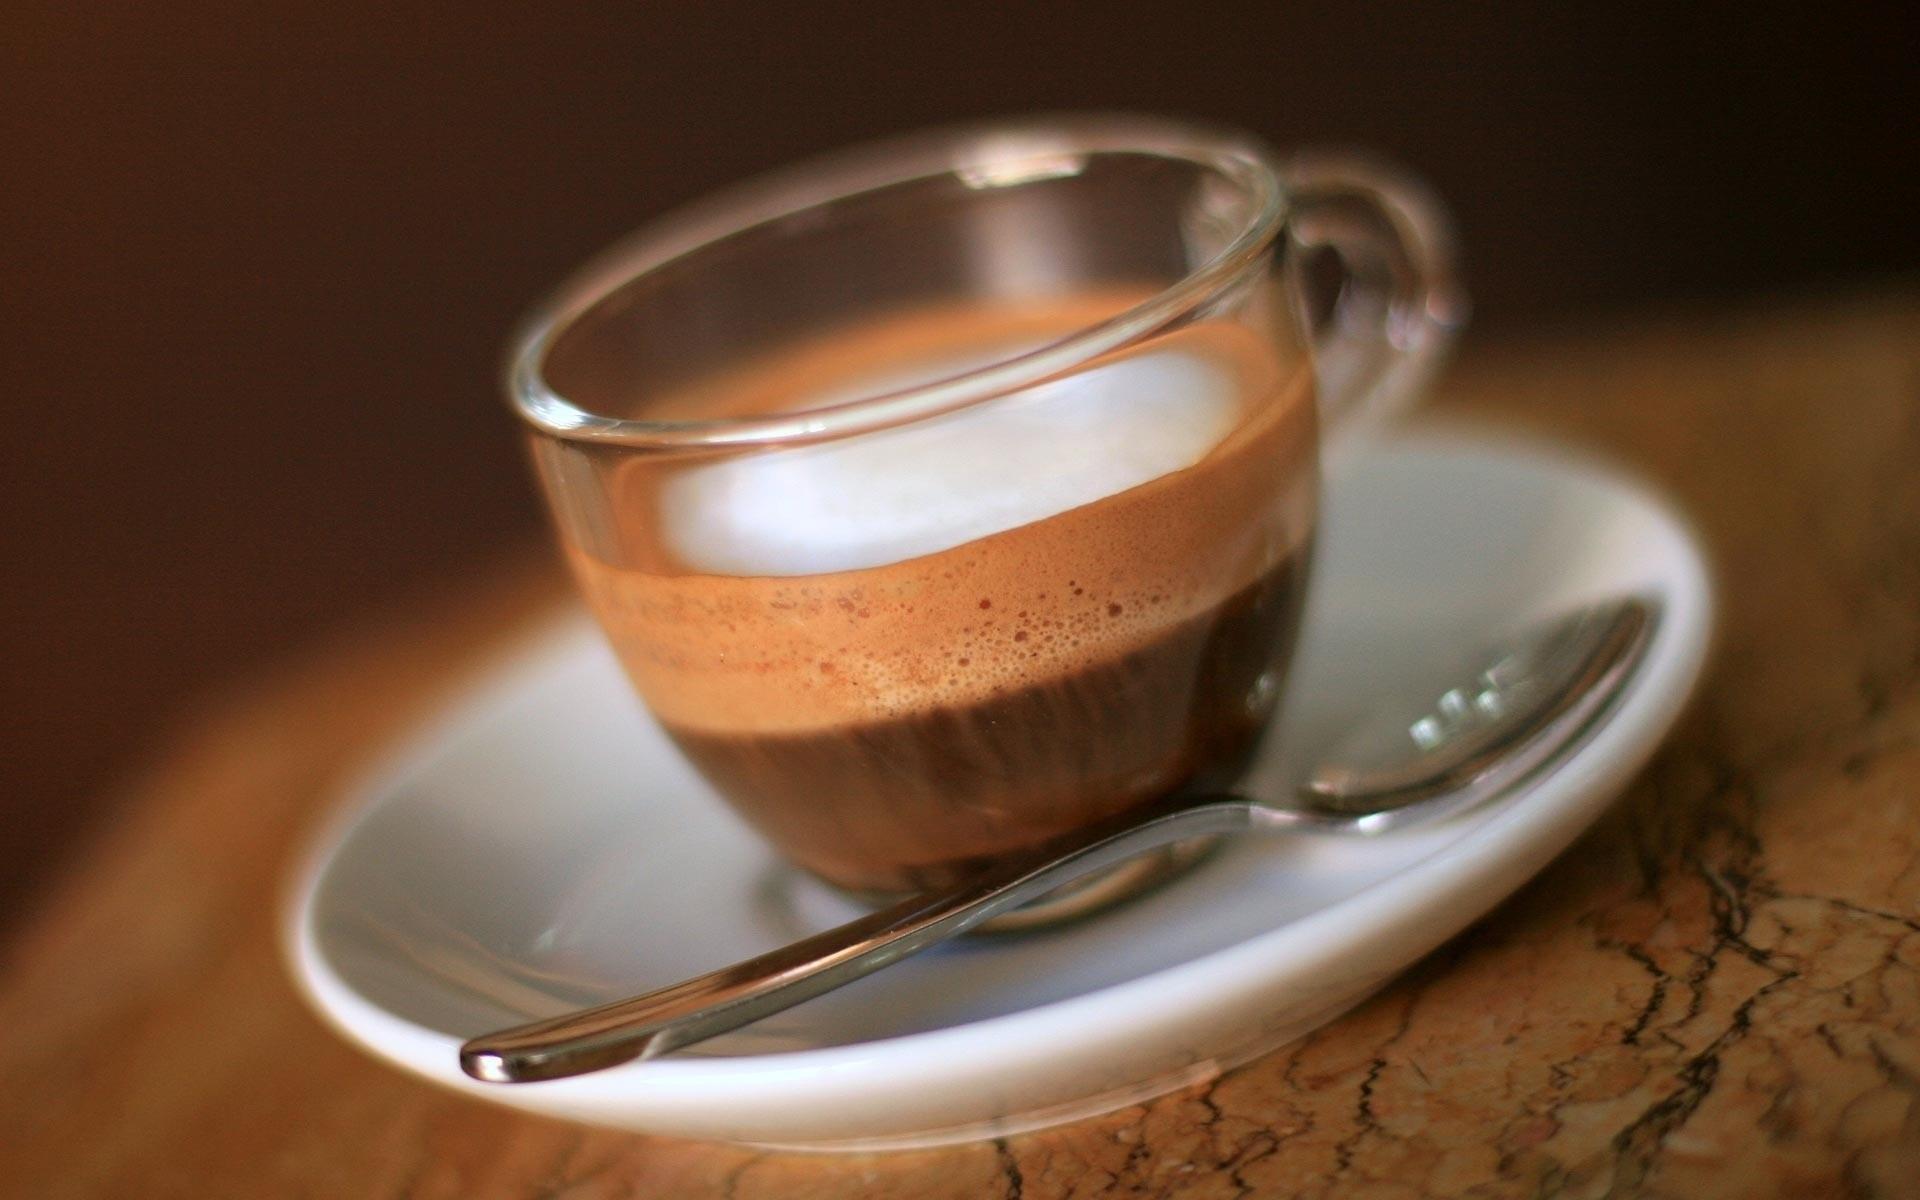 кофе чашка блюдце  № 2172592 без смс